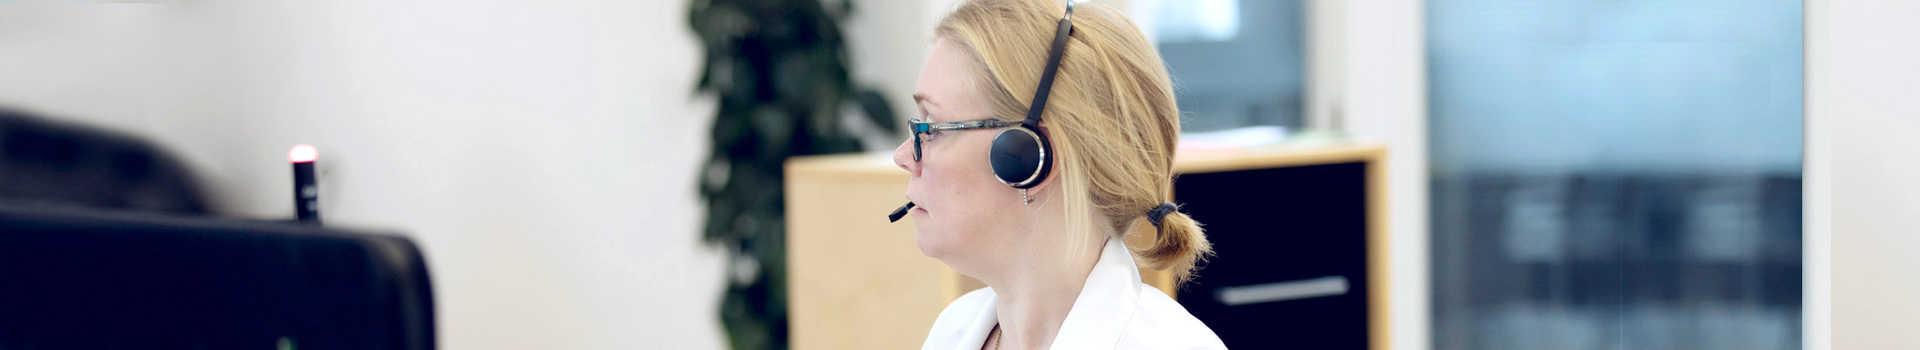 Med en Uni-tel-løsning kan du få softphone på din Microsoft-PC